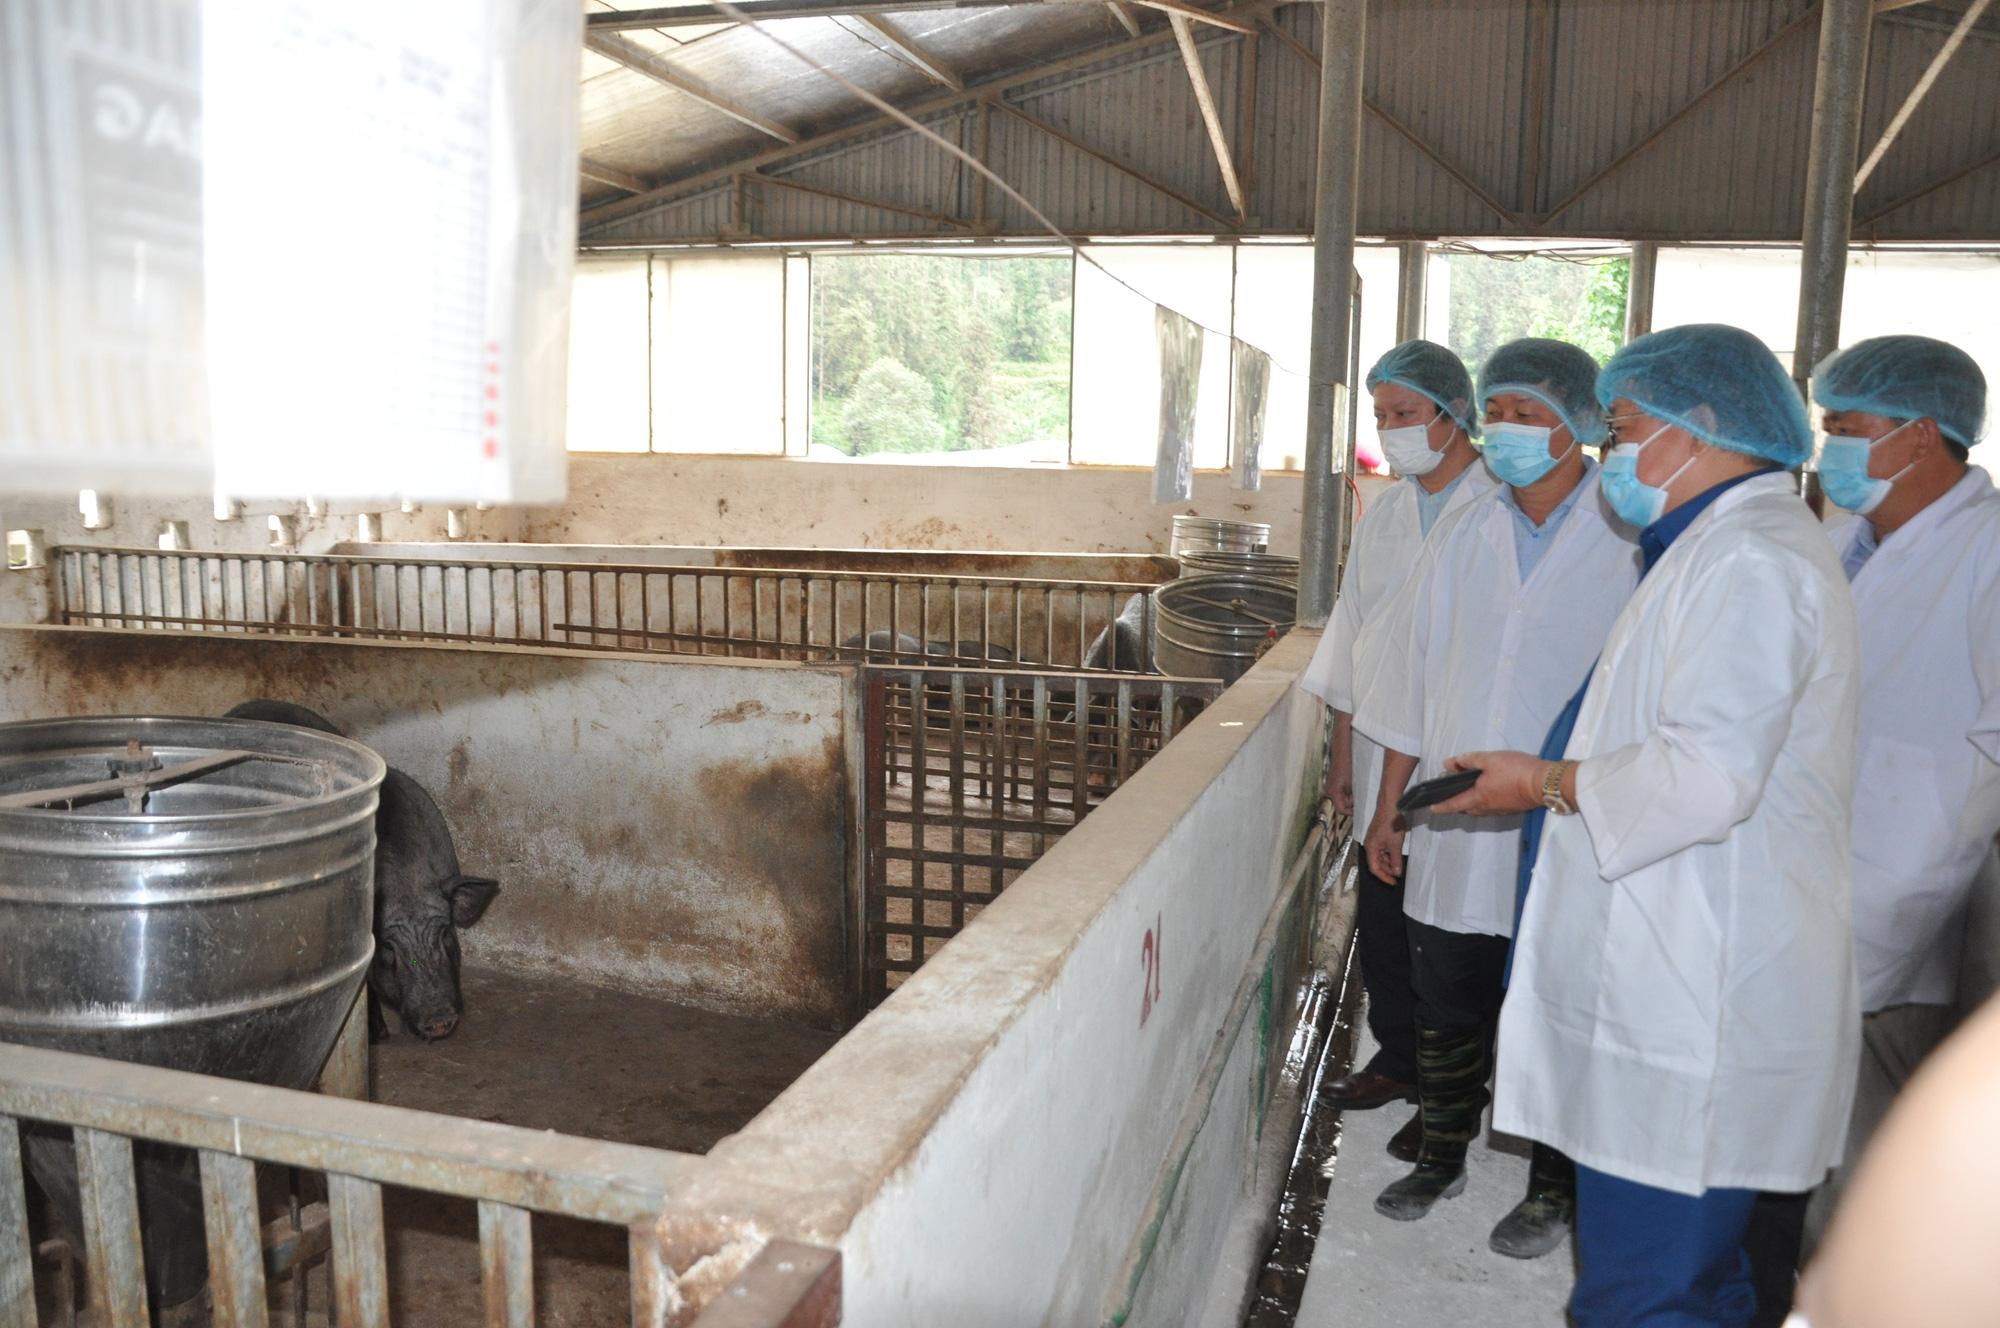 """Chủ tịch Hội Nông dân Việt Nam thăm """"đại bản doanh"""" con đặc sản thu 10 tỷ đồng mỗi năm ở Bắc Hà - Ảnh 3."""